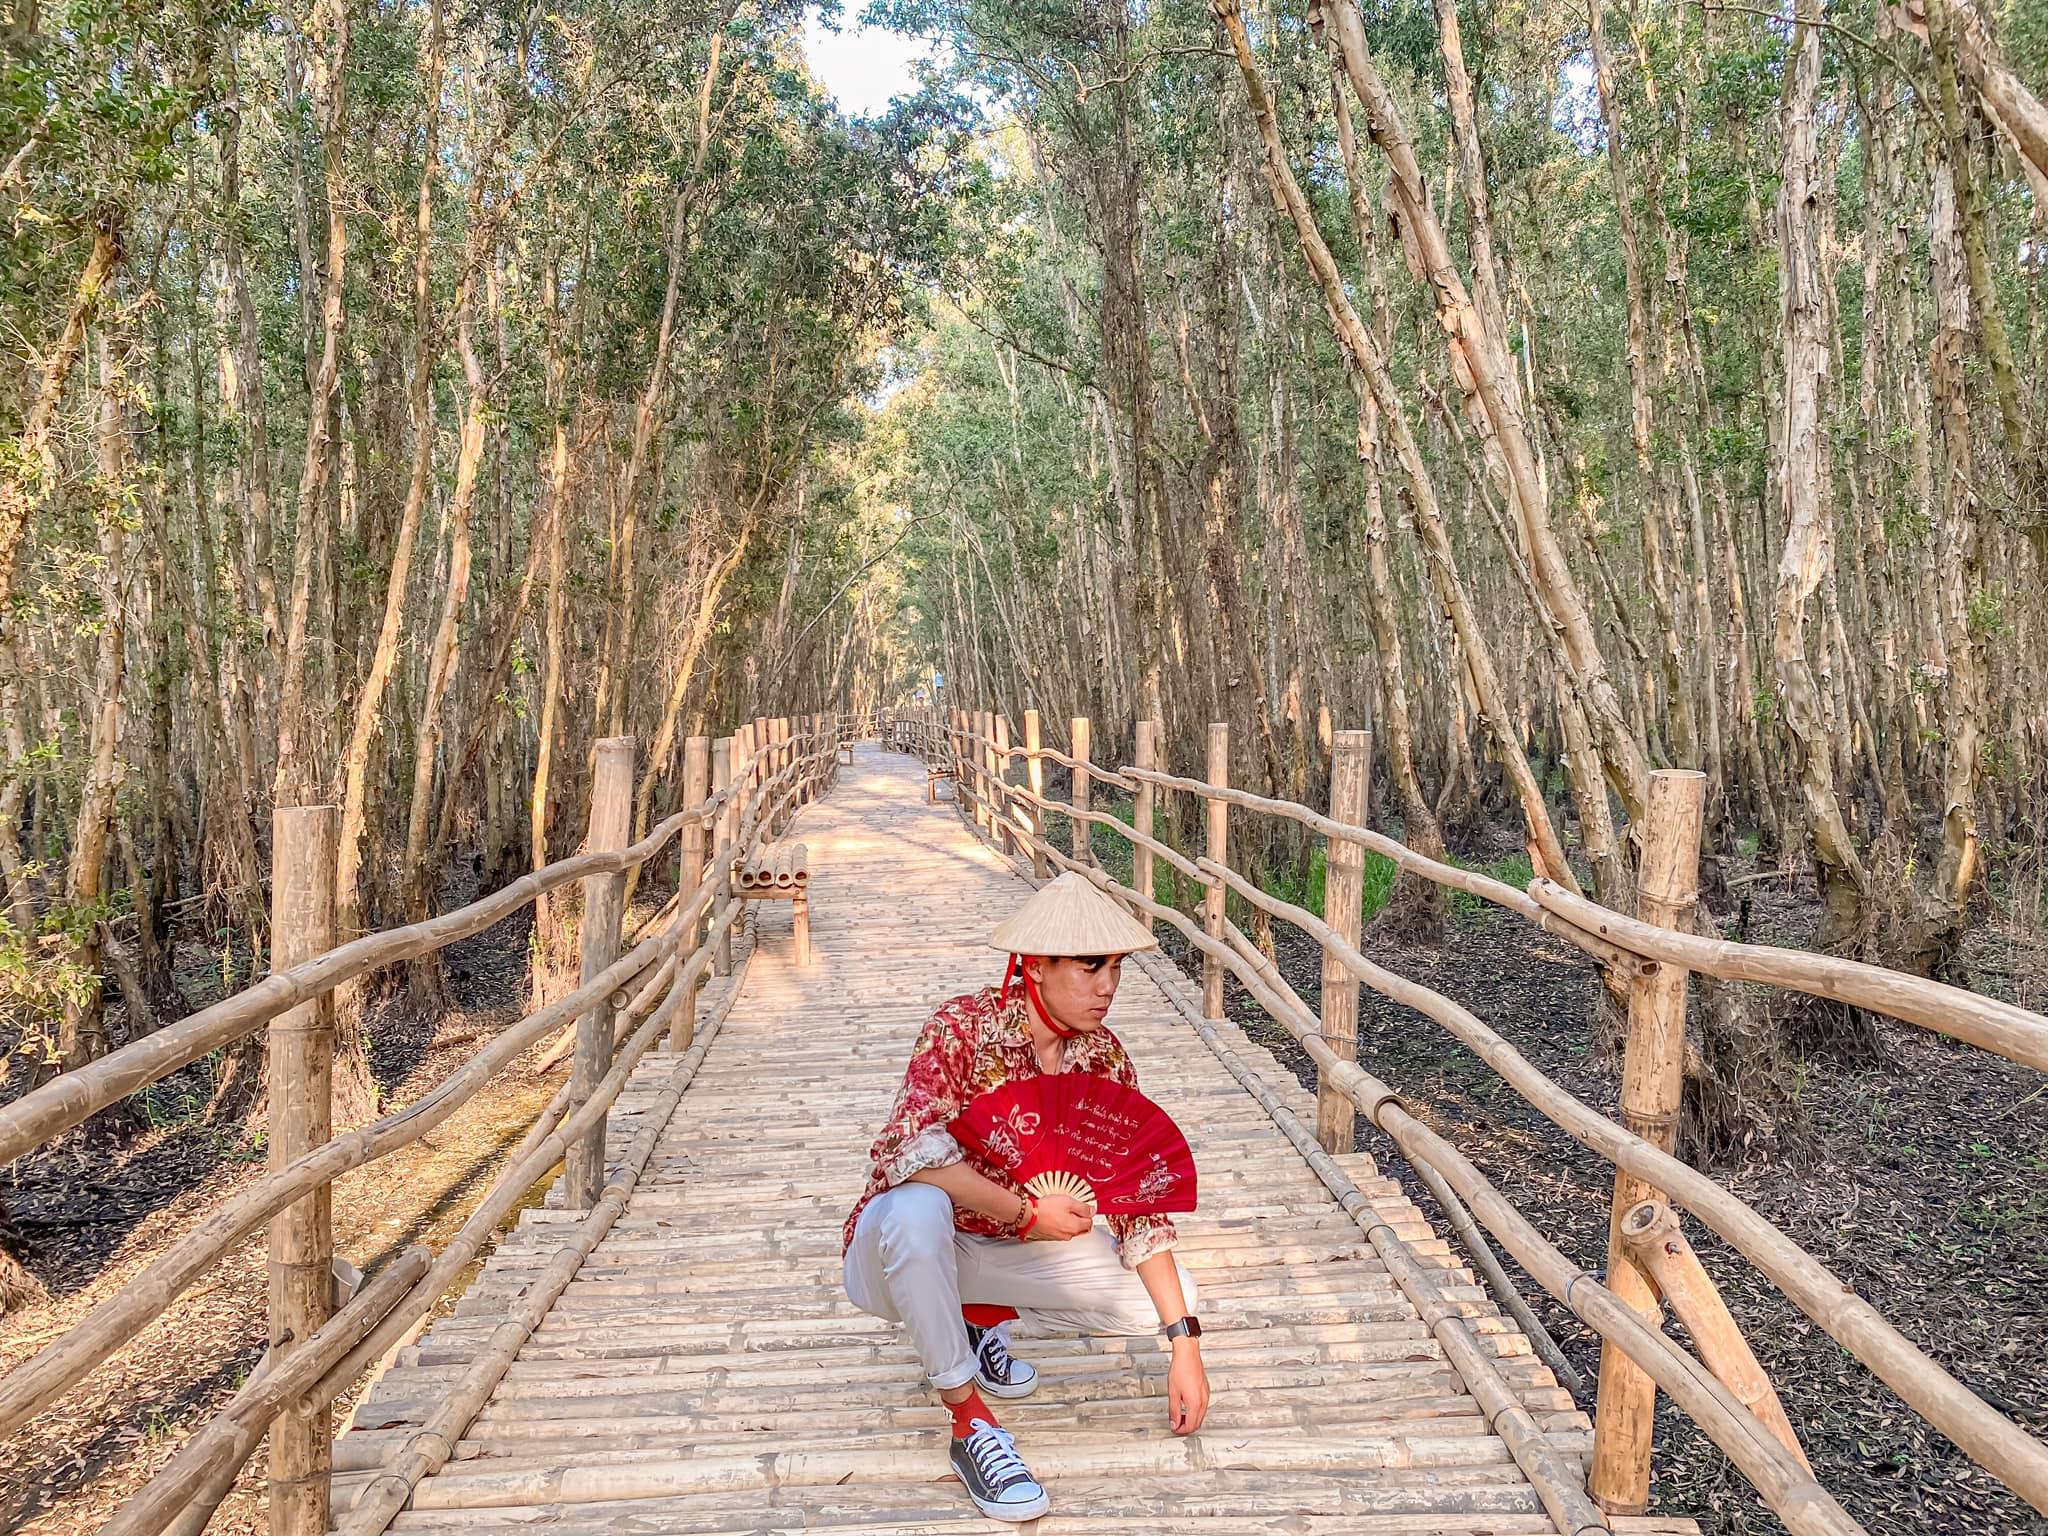 Hành trình khám phá những địa điểm đẹp nhất tại rừng tràm Trà Sư, An Giang  - Ảnh 8.